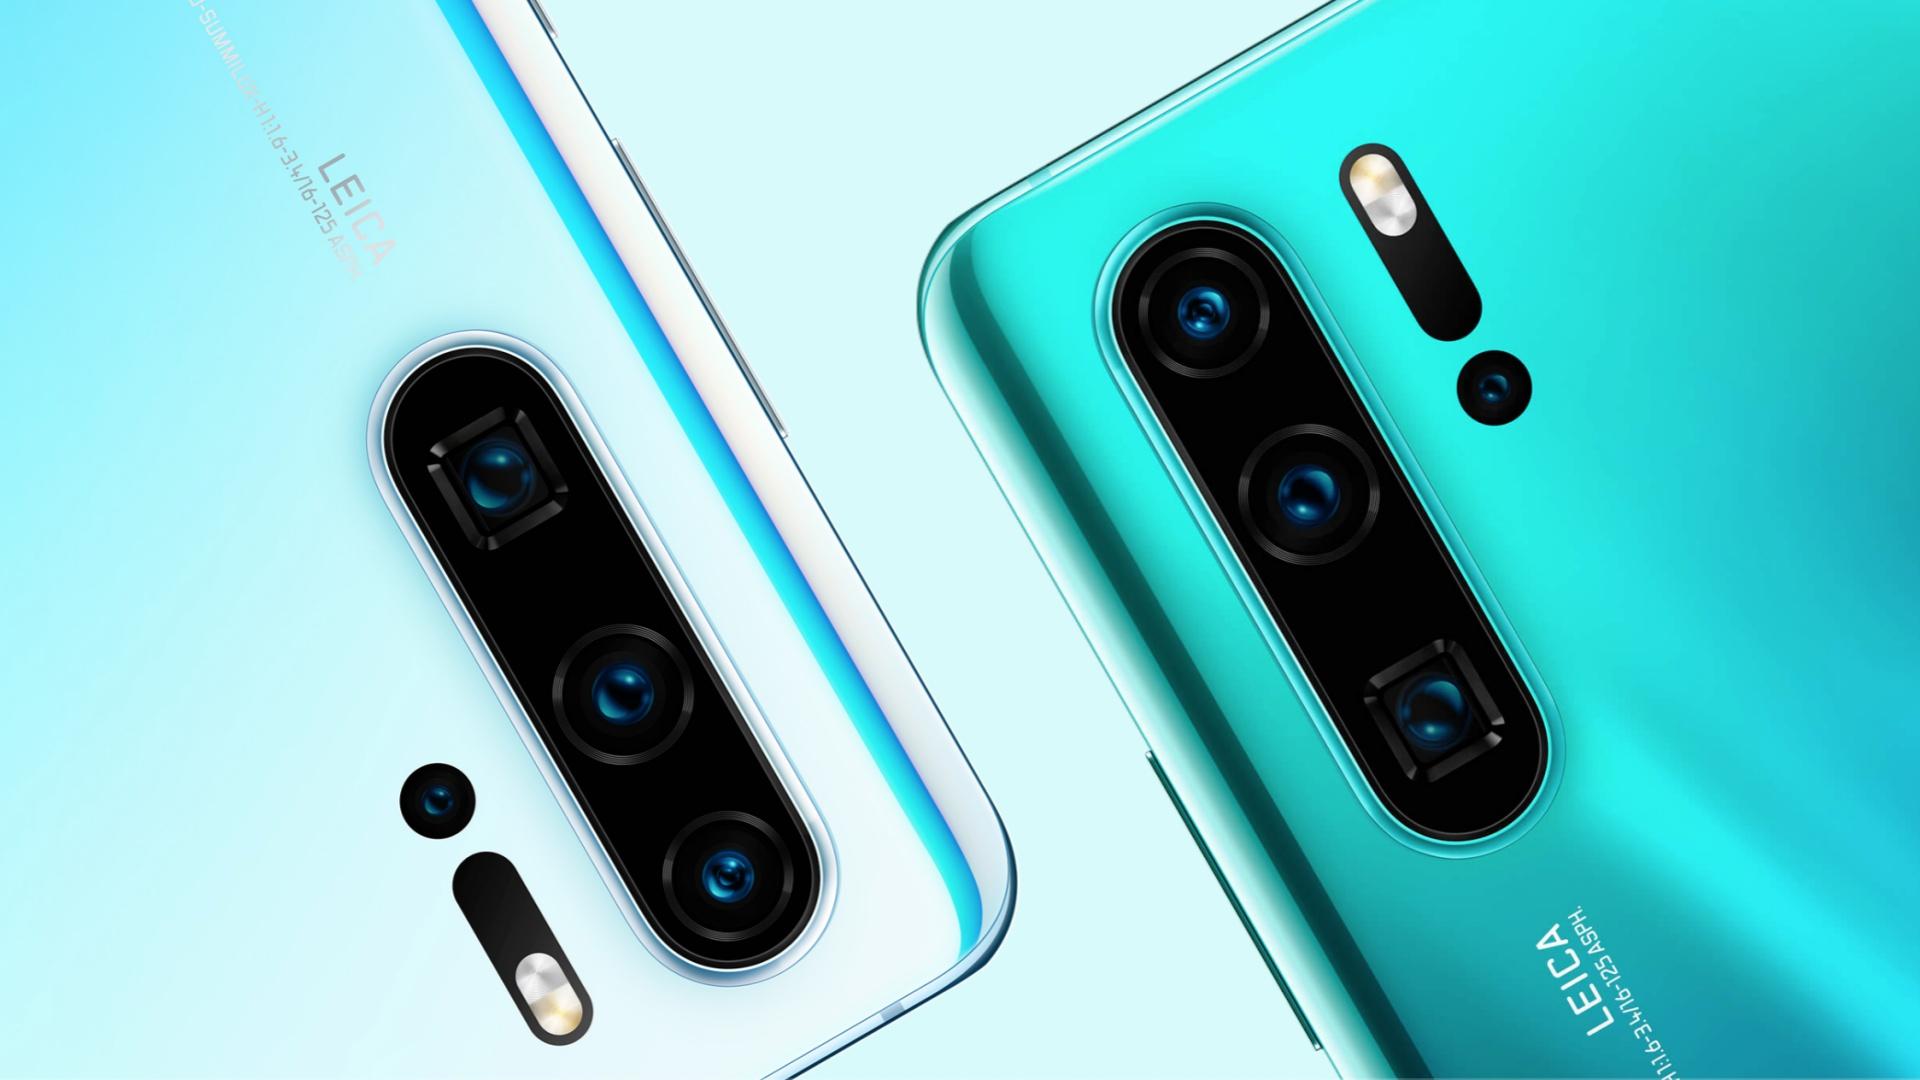 Топ-10 лучших смартфонов 2019_июль_- Huawei p30 pro